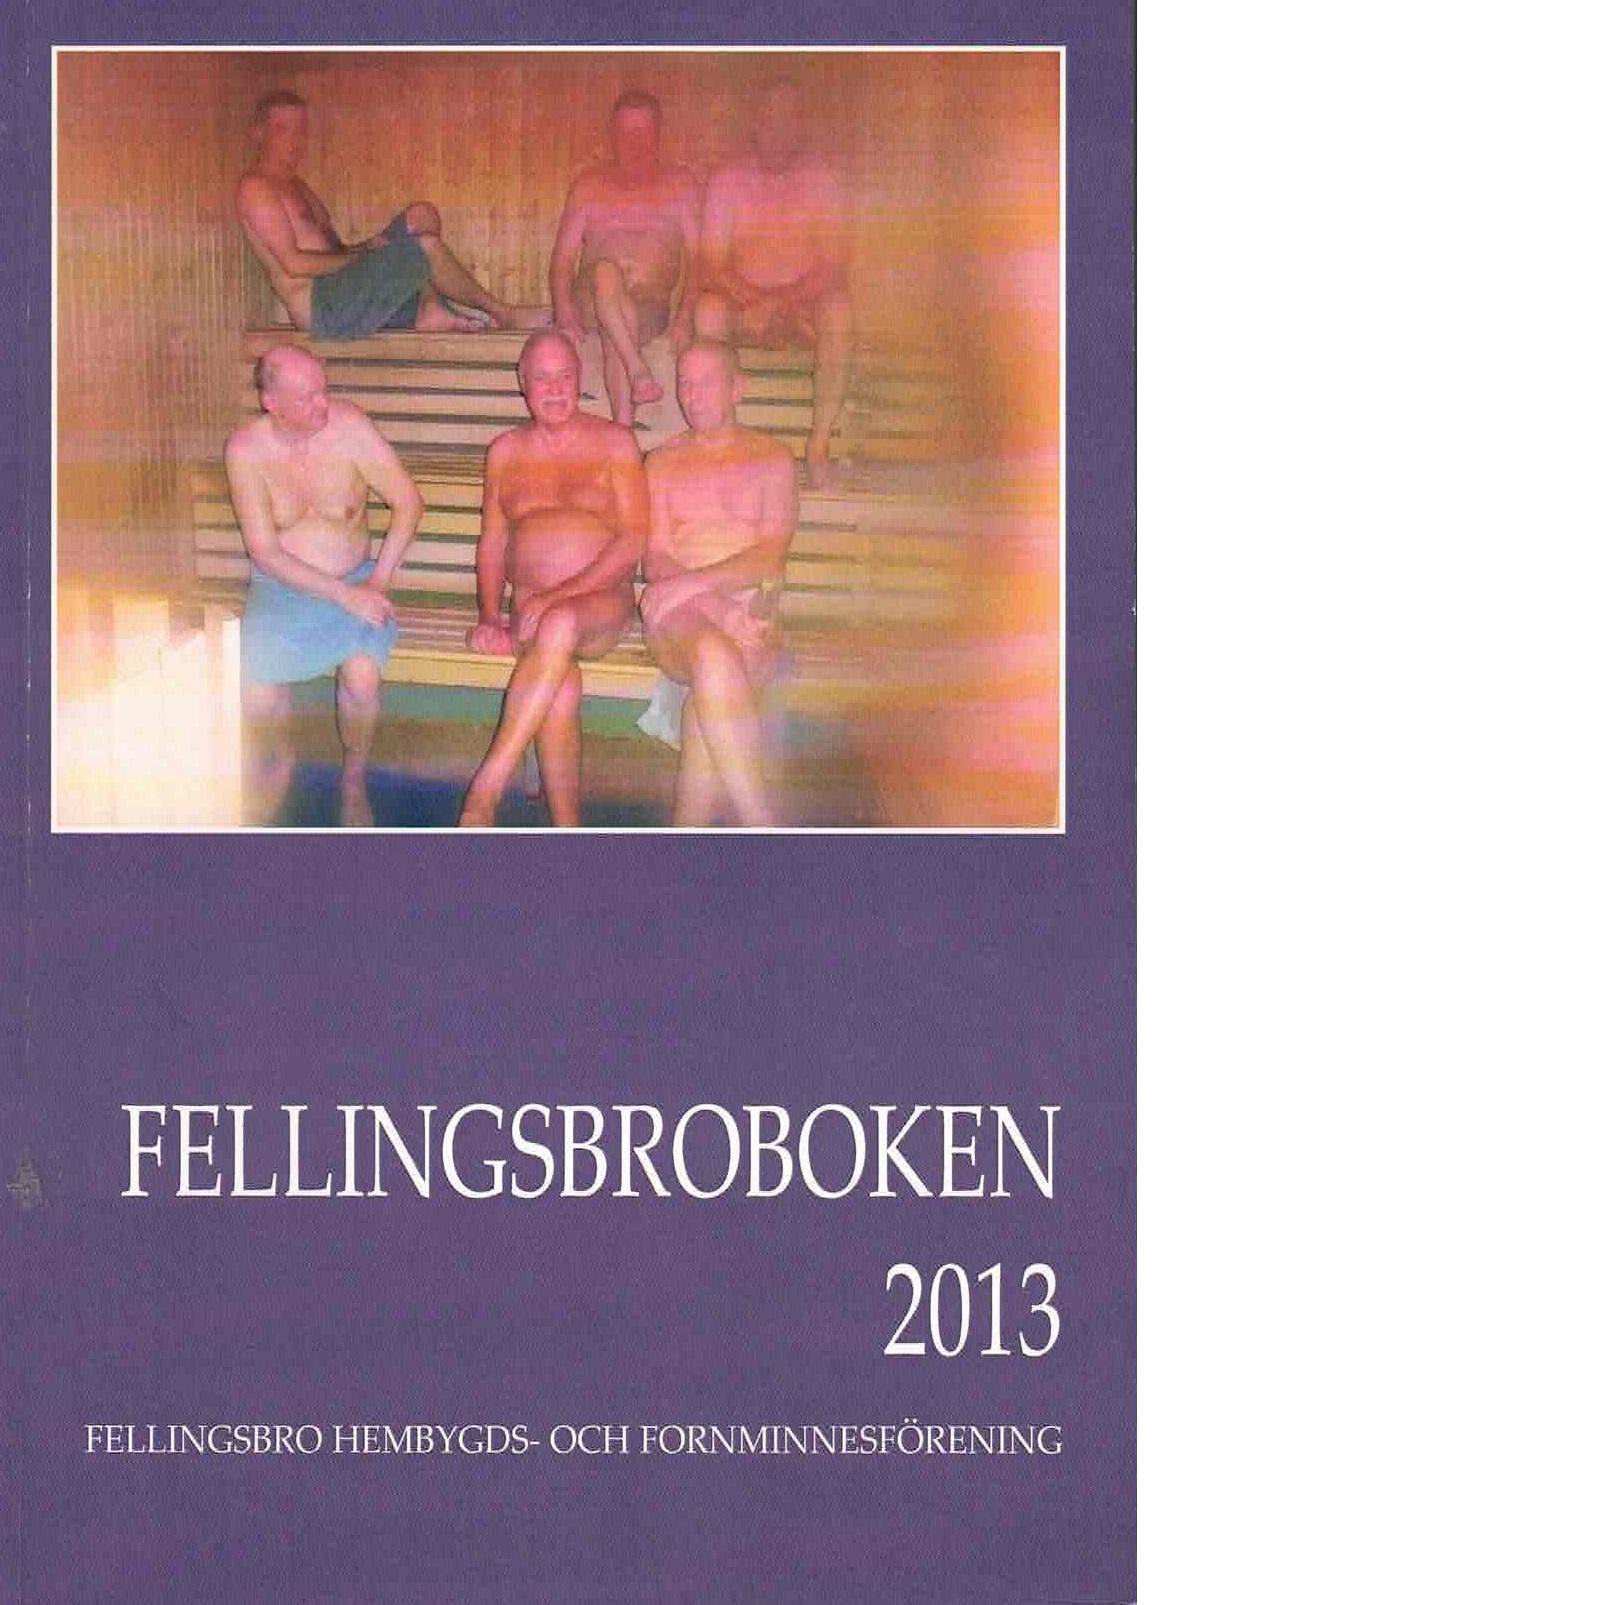 Fellingsbroboken 2013 - Red.